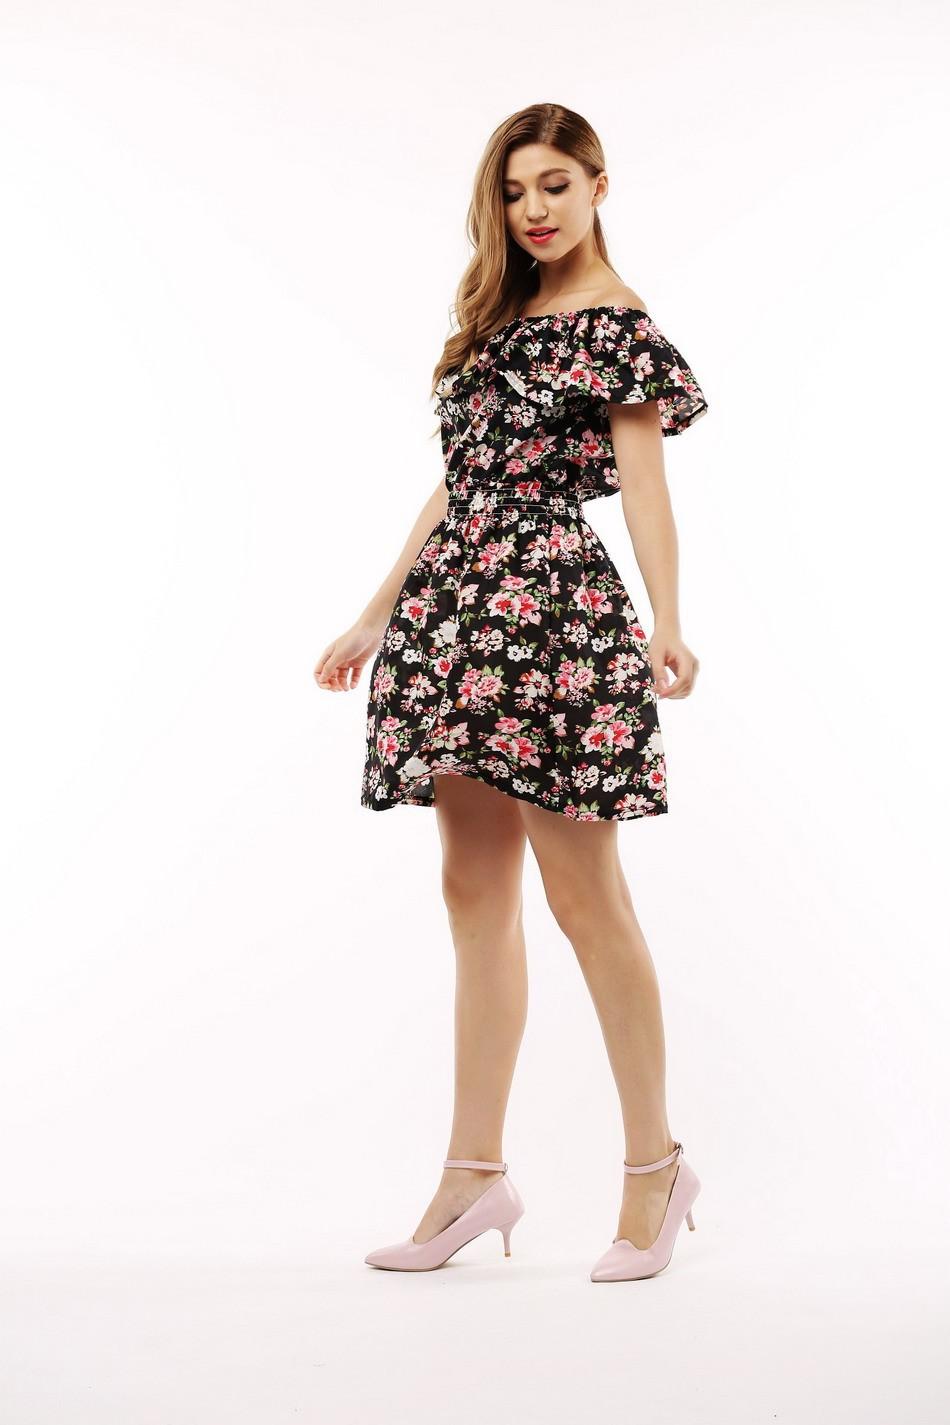 2017 fashion nowa wiosna lato plus size odzież kobiet floral print wzór sukienki na co dzień vestidos wc0472 5